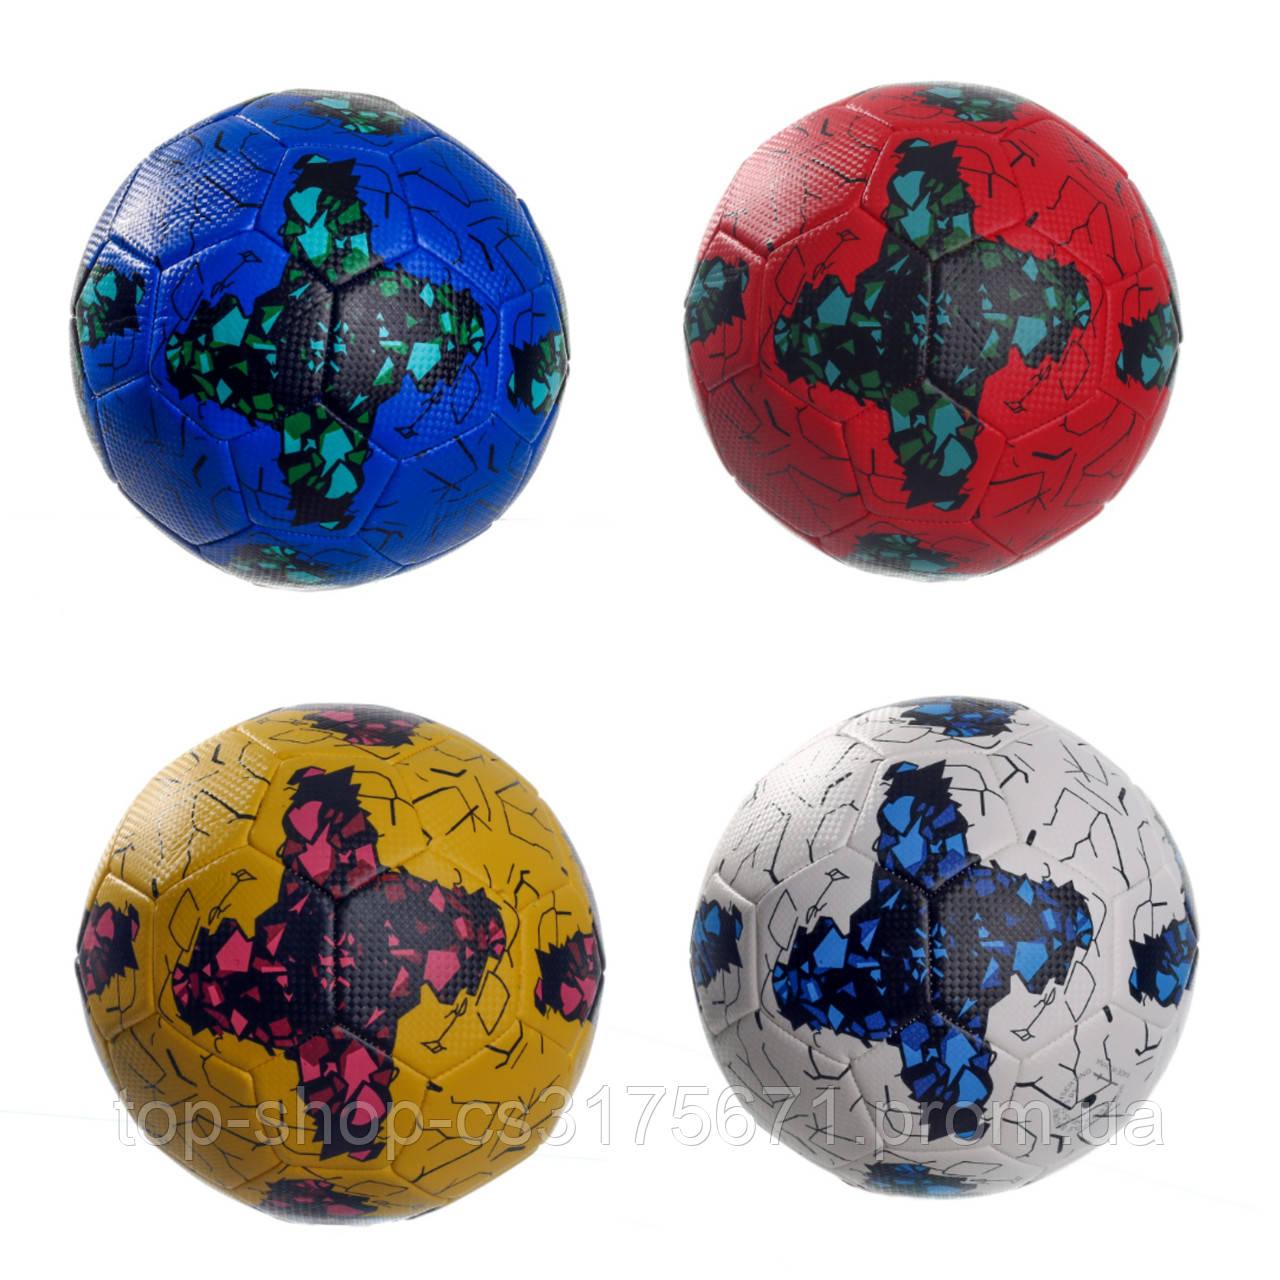 5483 Мяч Футбол с рисунком 4 вида